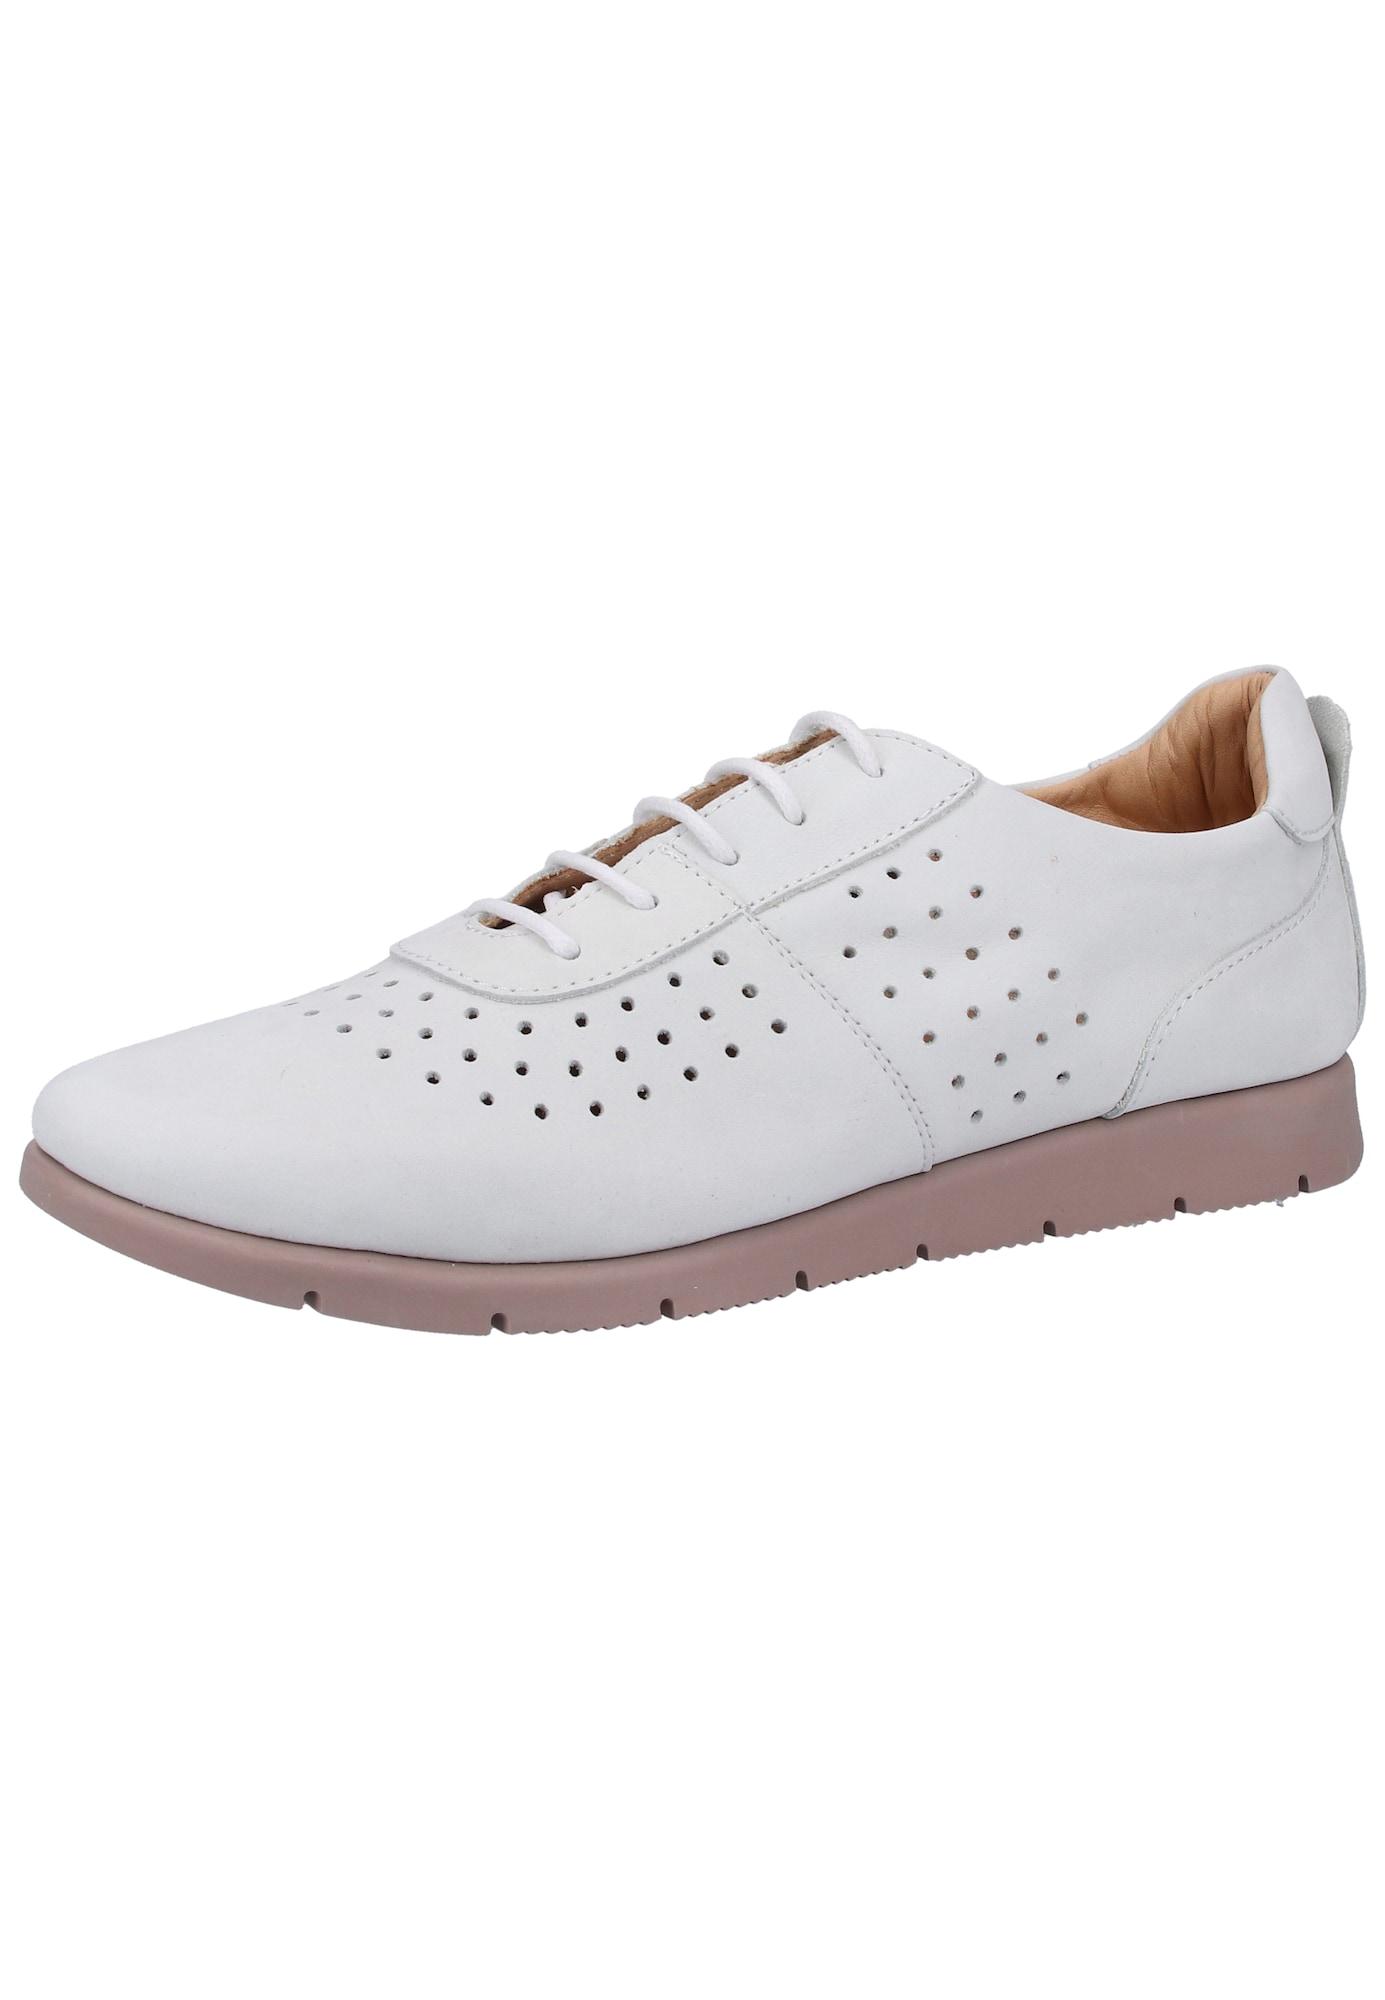 Halbschuhe | Schuhe > Boots > Schnürboots | Darkwood